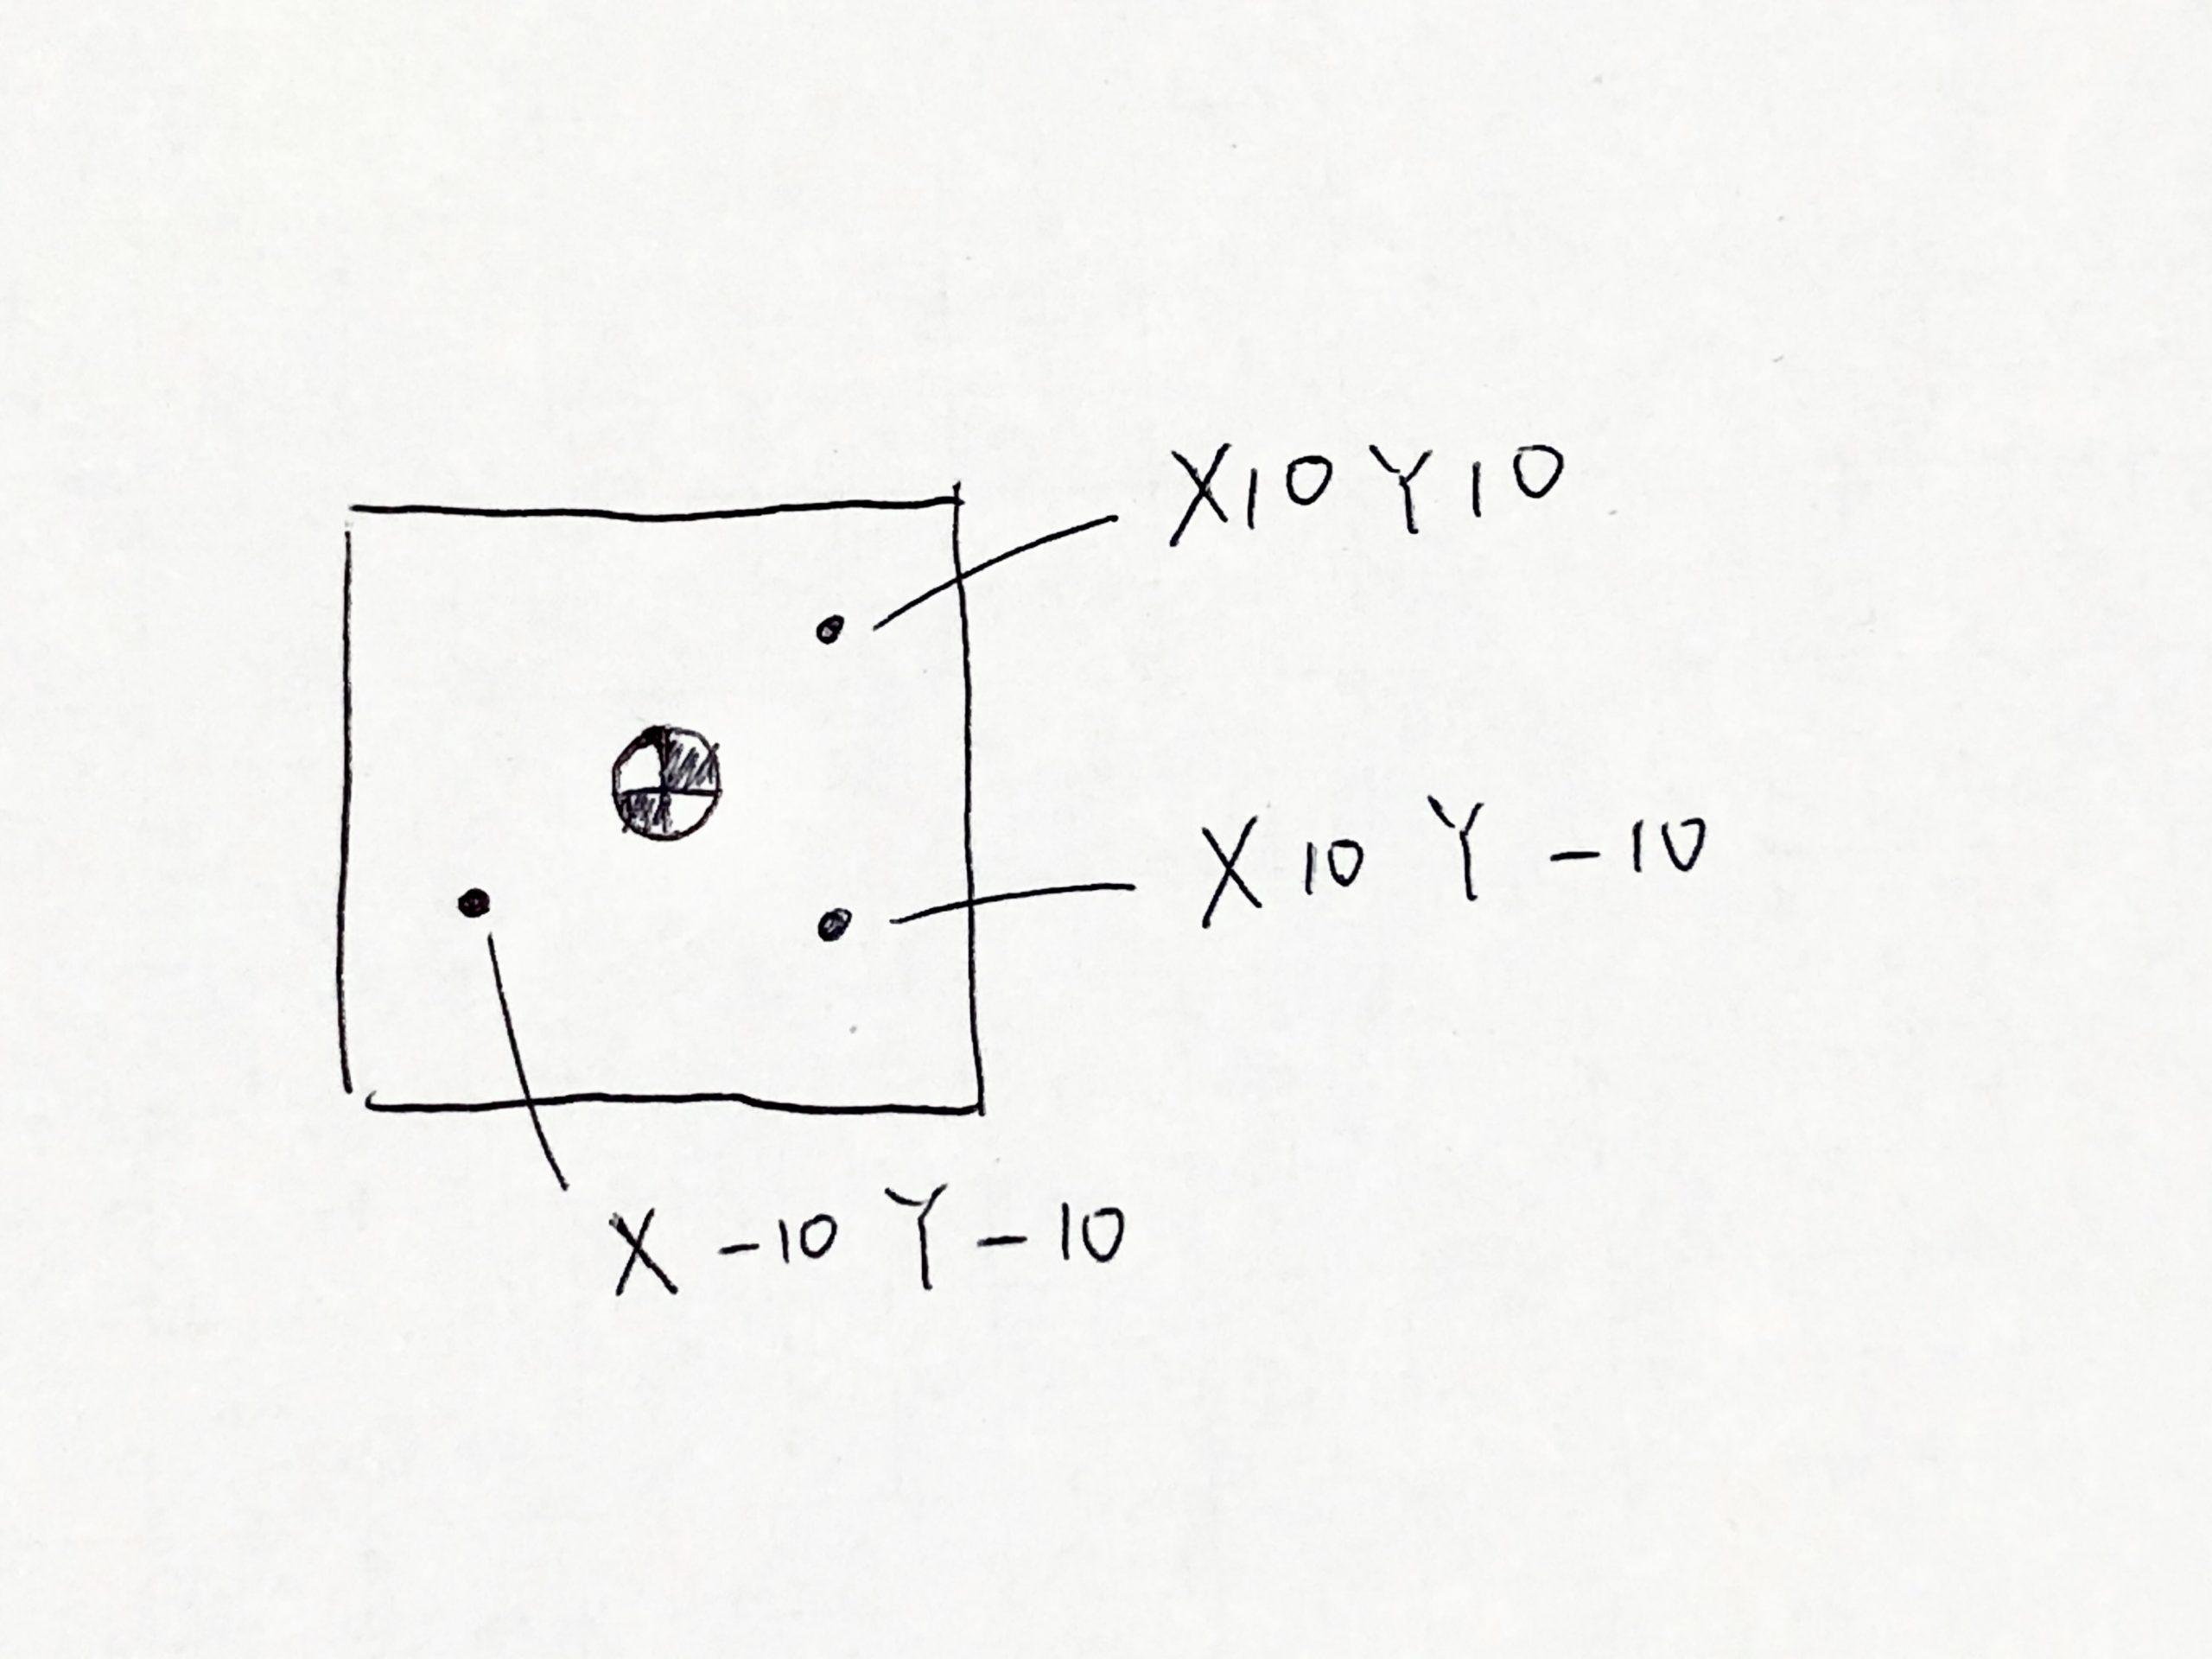 固定サイクルの図